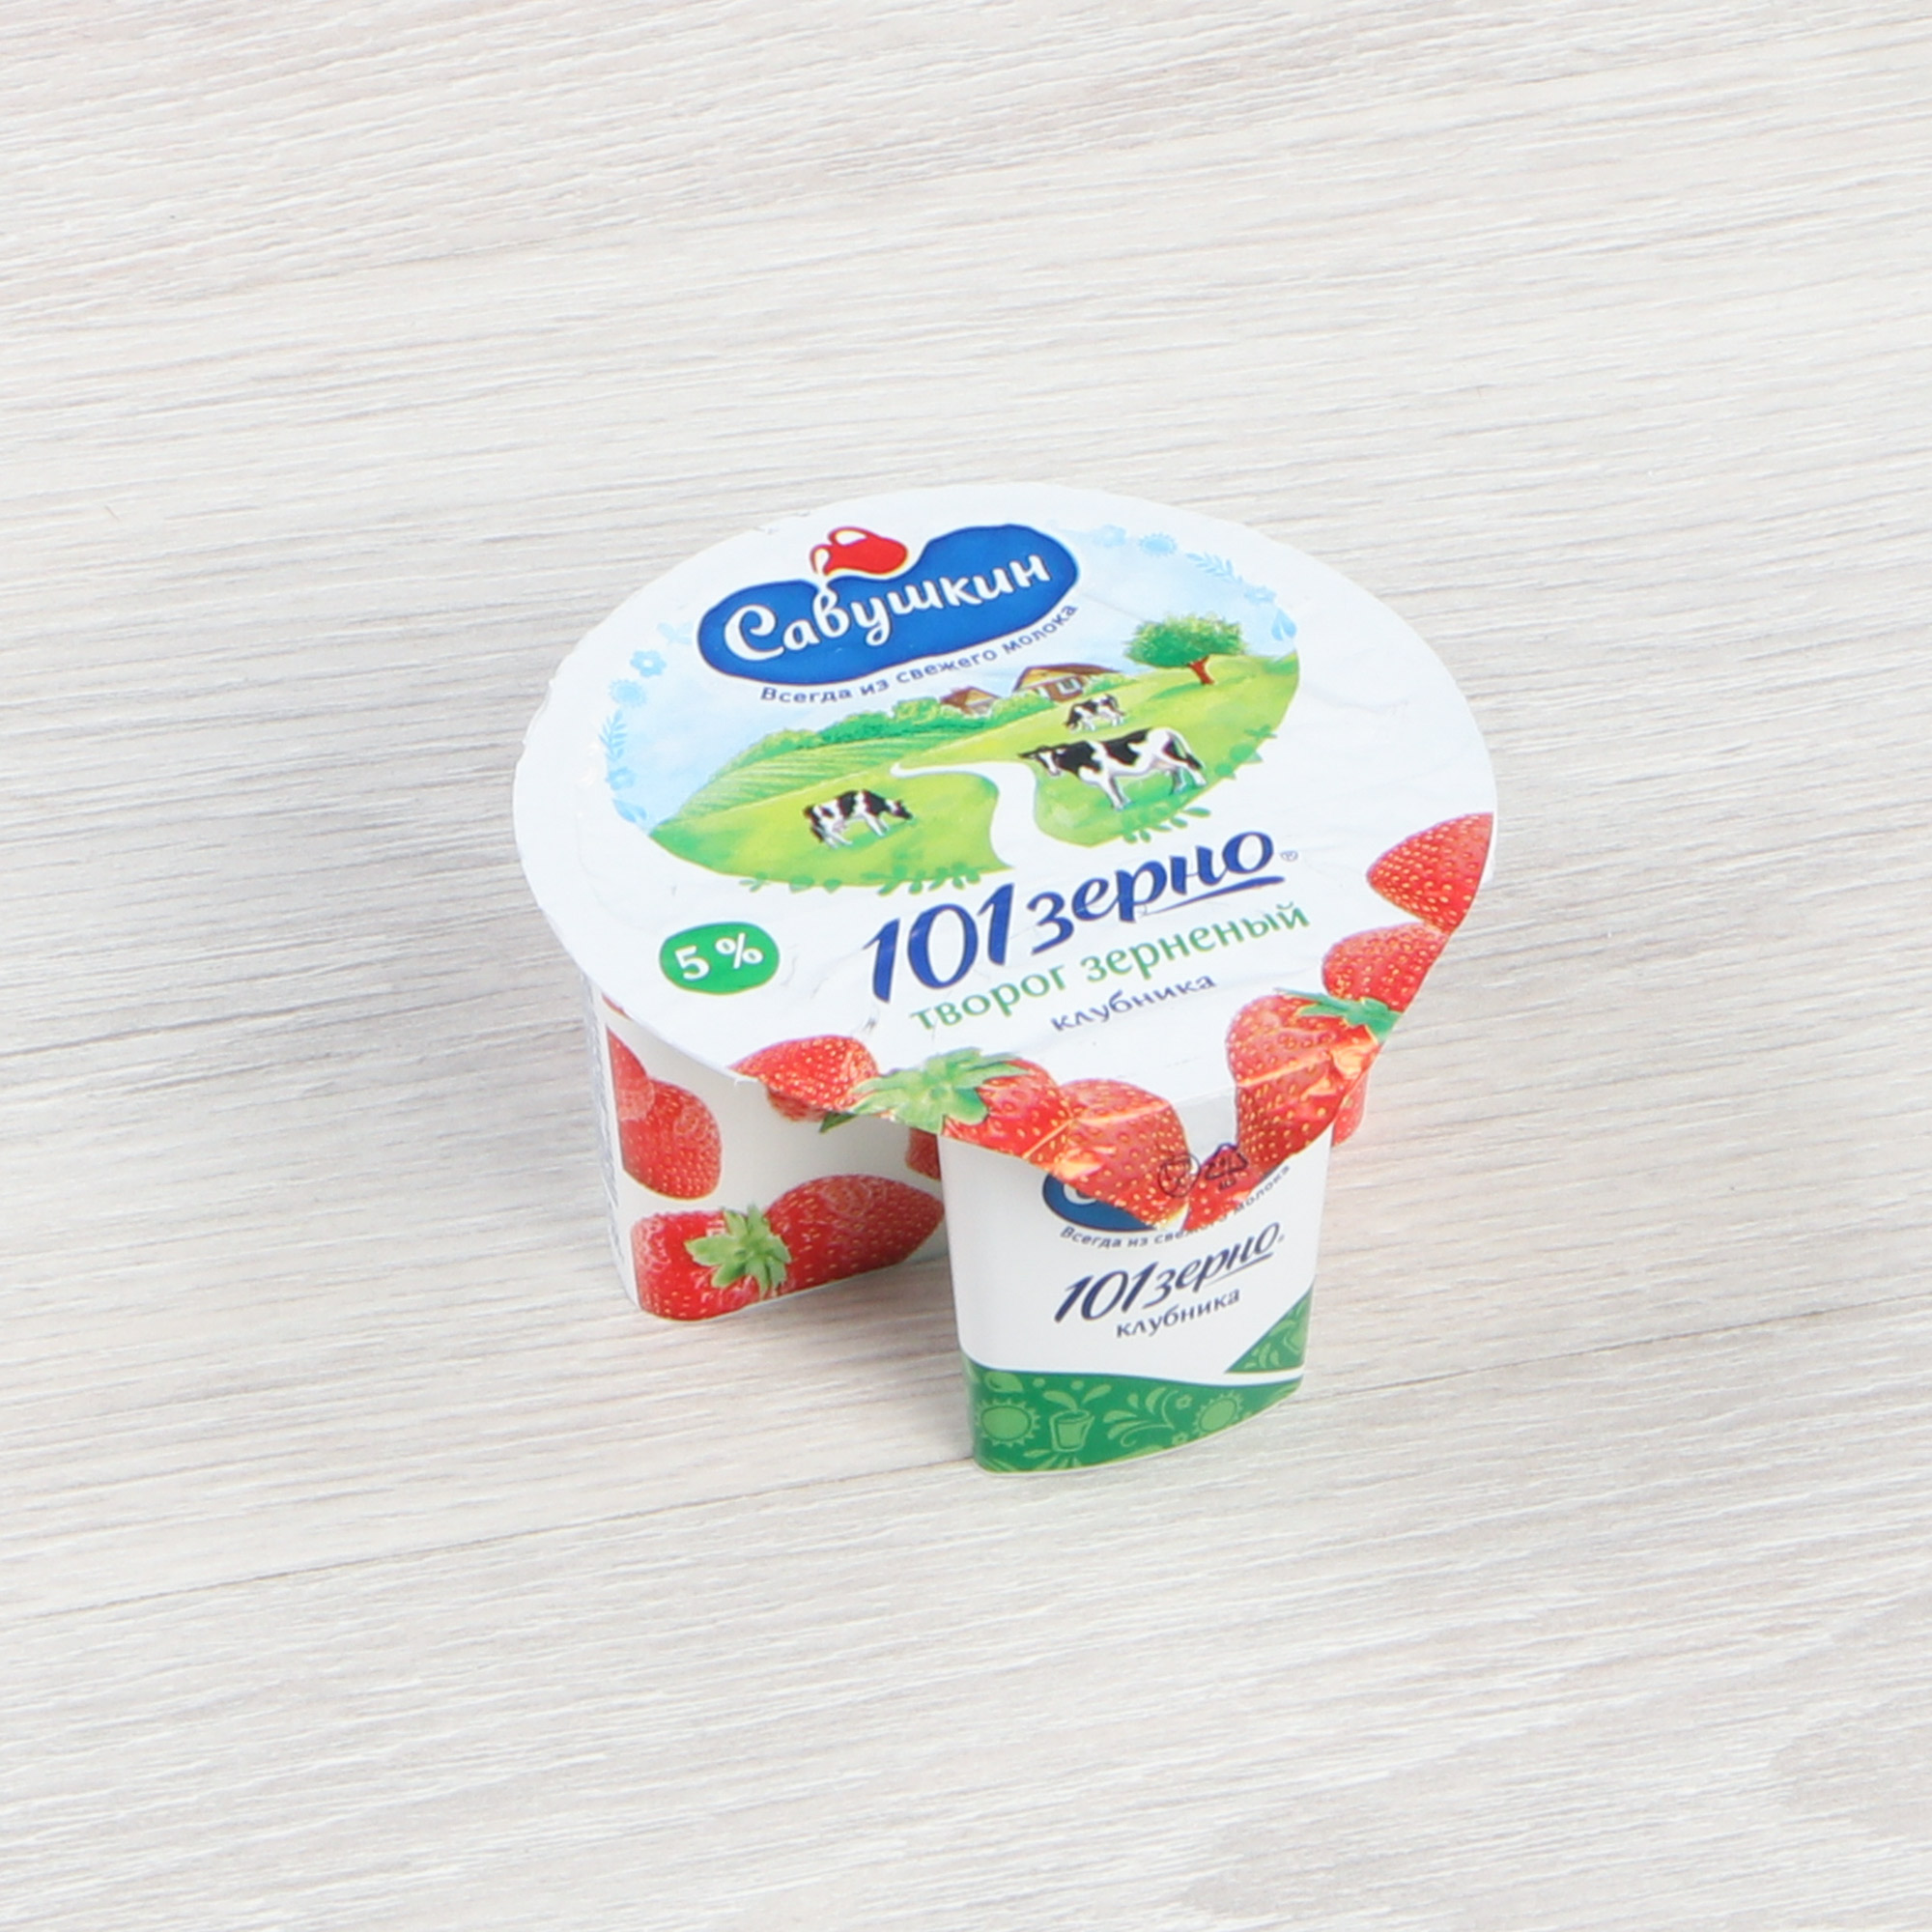 творог савушкин продукт рассыпчатый 5% 700 г Творог Савушкин продукт 101 зерно клубника 5% 130 г